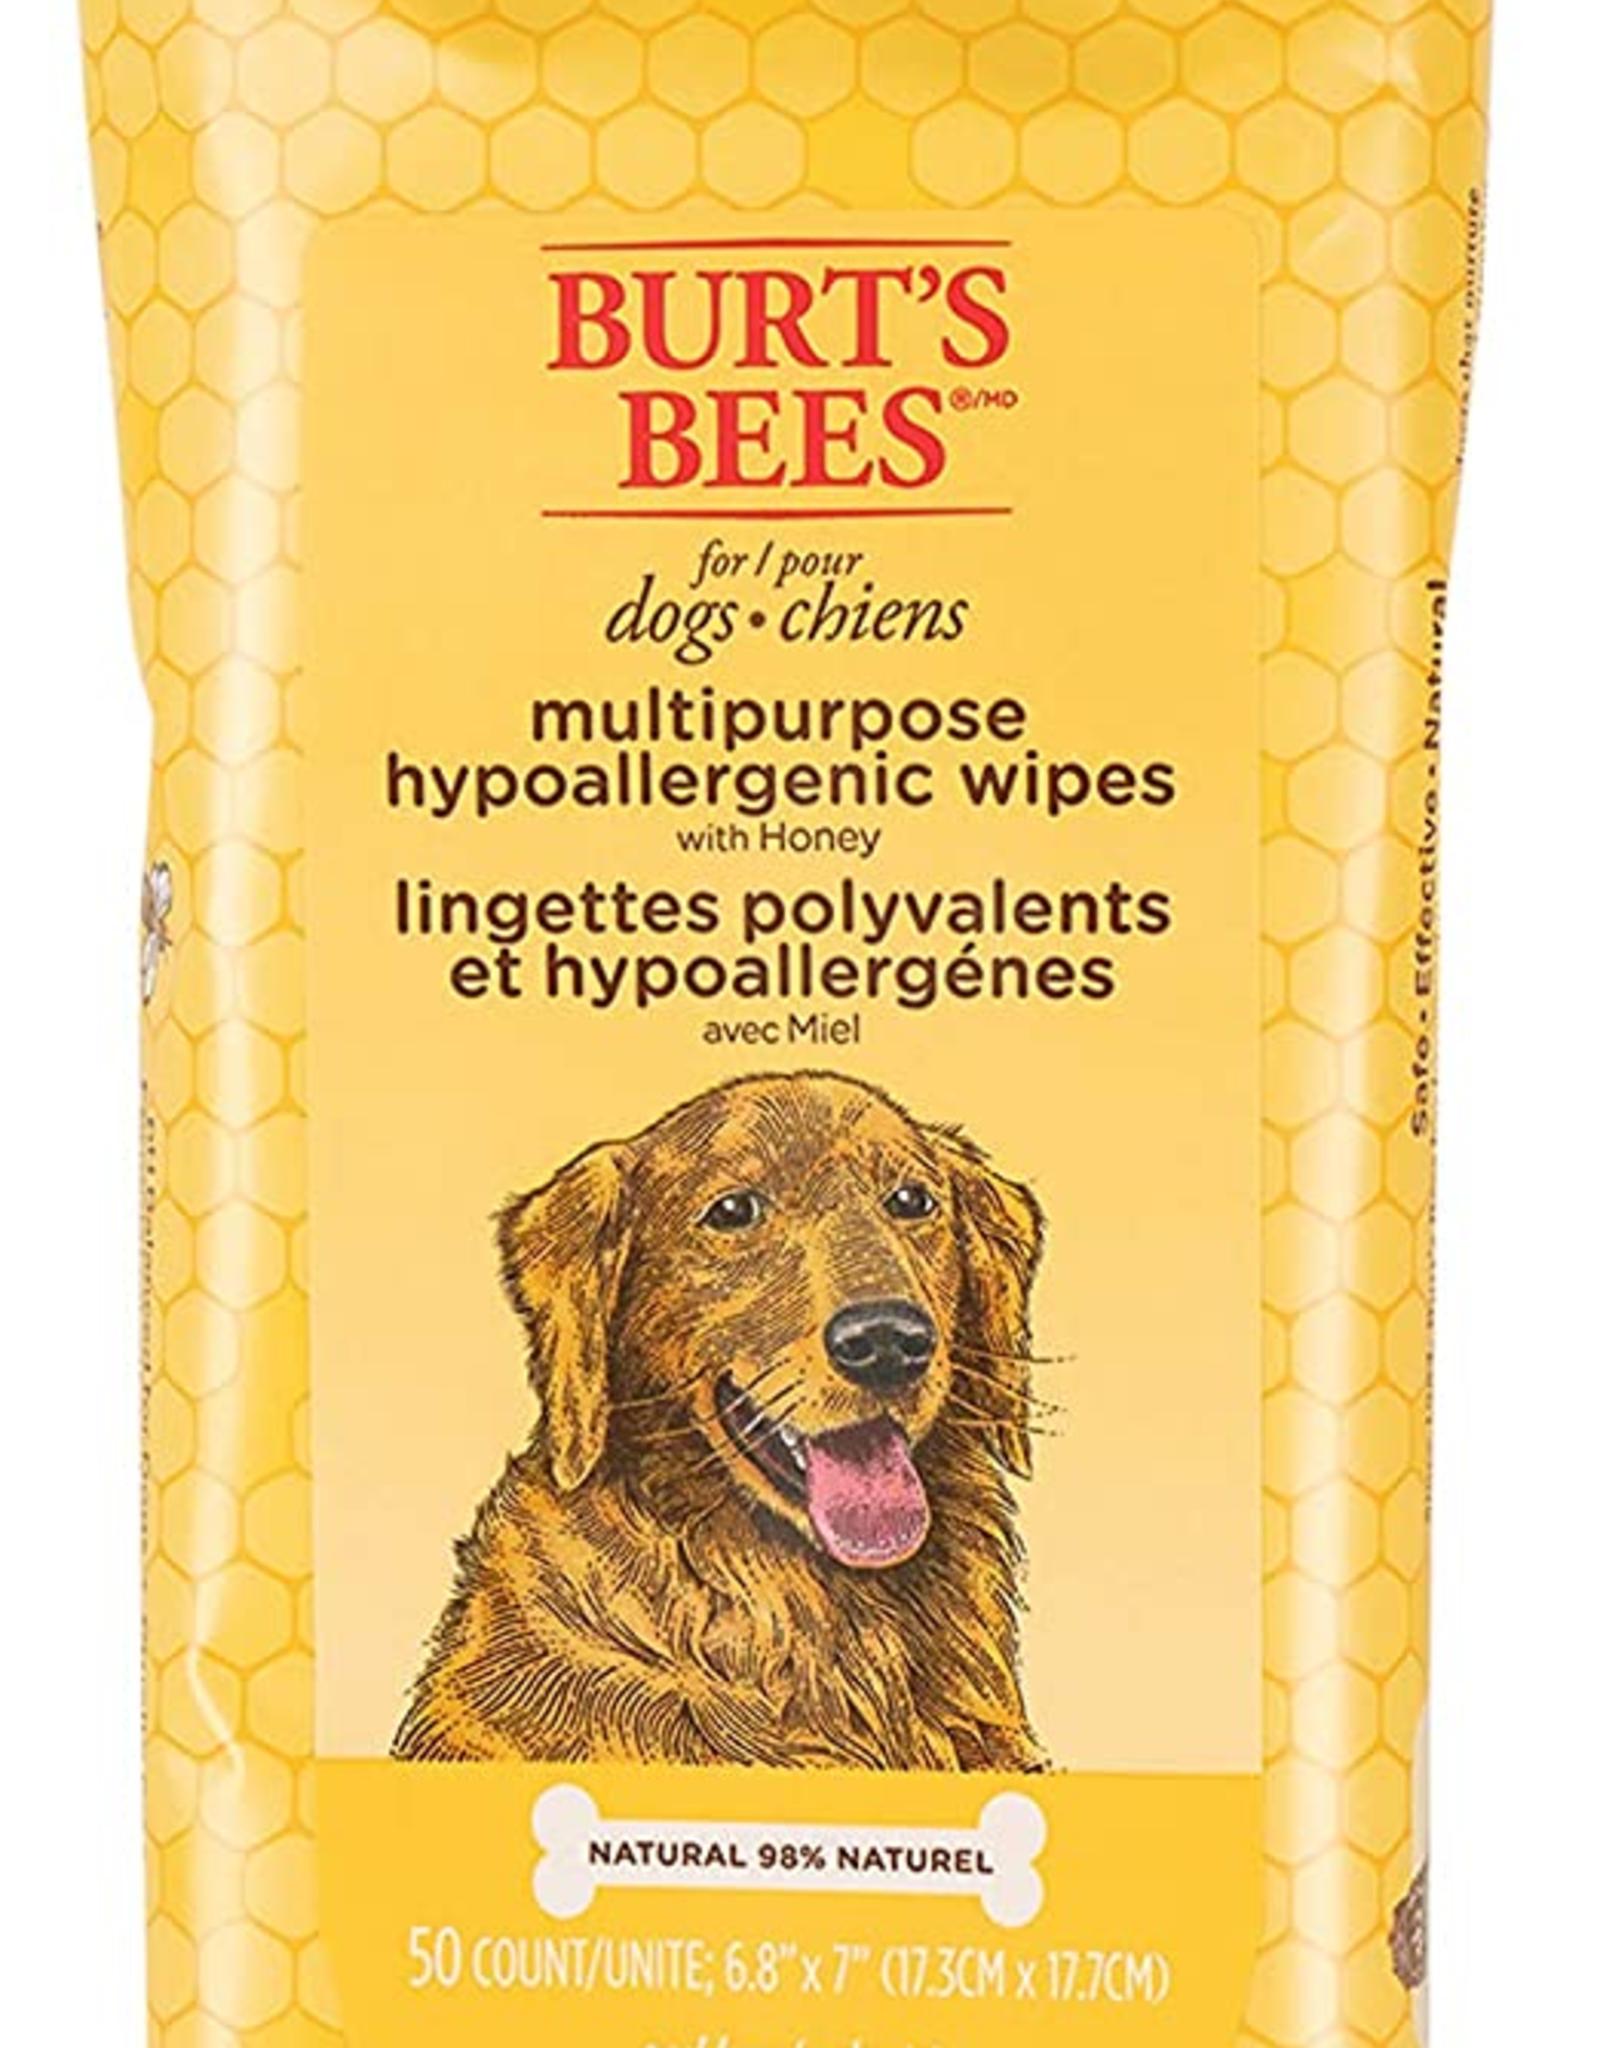 Burt's Bees Burt's Bees Hypoallergenic Wipes 50